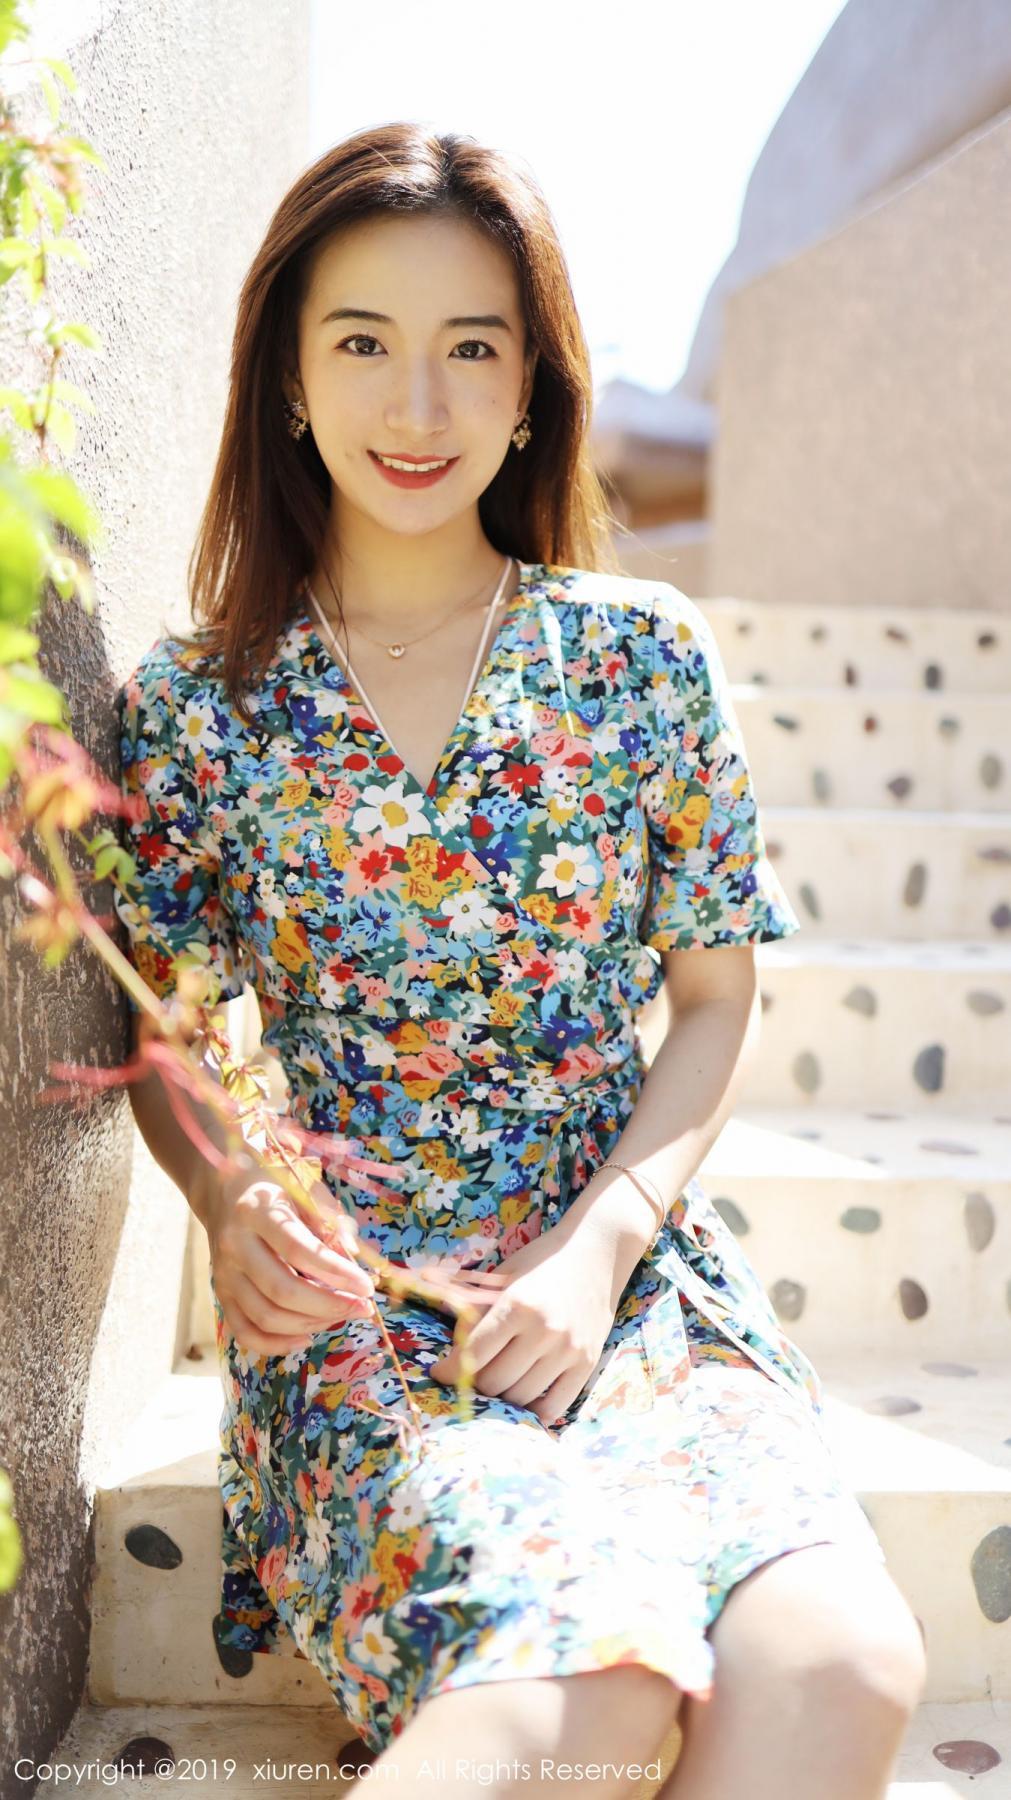 [XiuRen] Vol.1641 Gong Tian Yi 11P, Gong Tian Yi, Pretty, Temperament, Xiuren